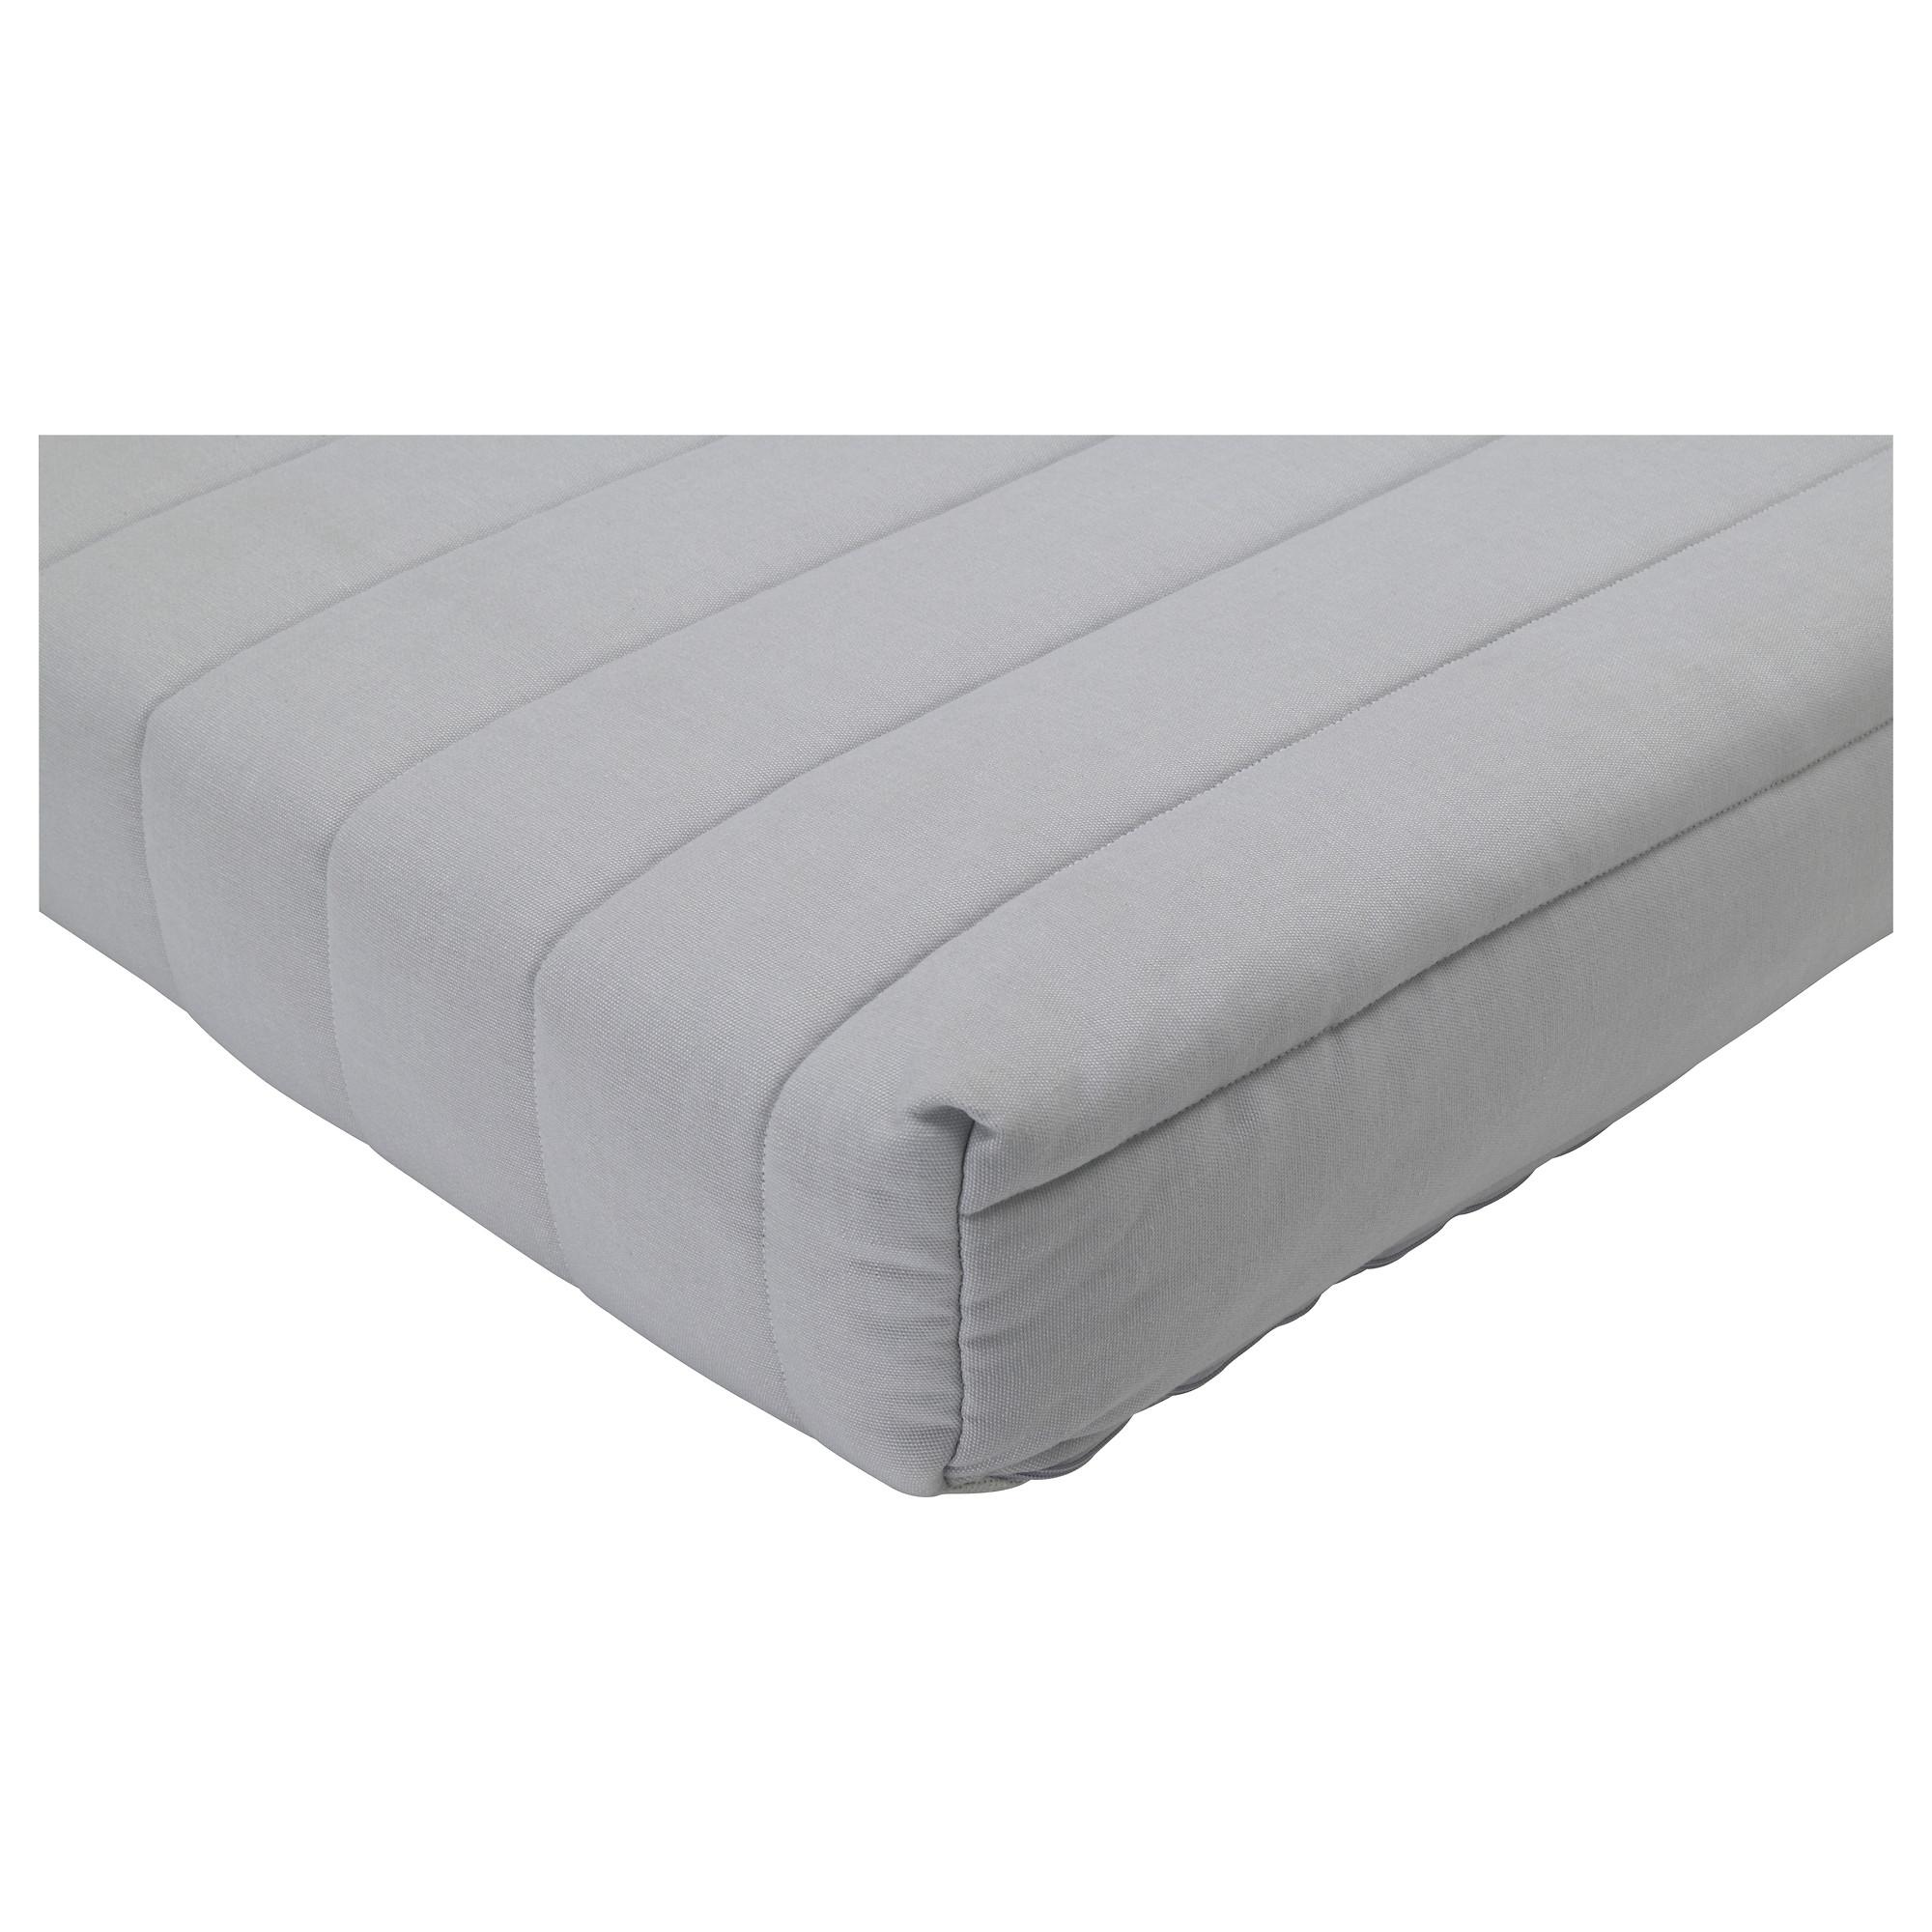 Одеяло в казани